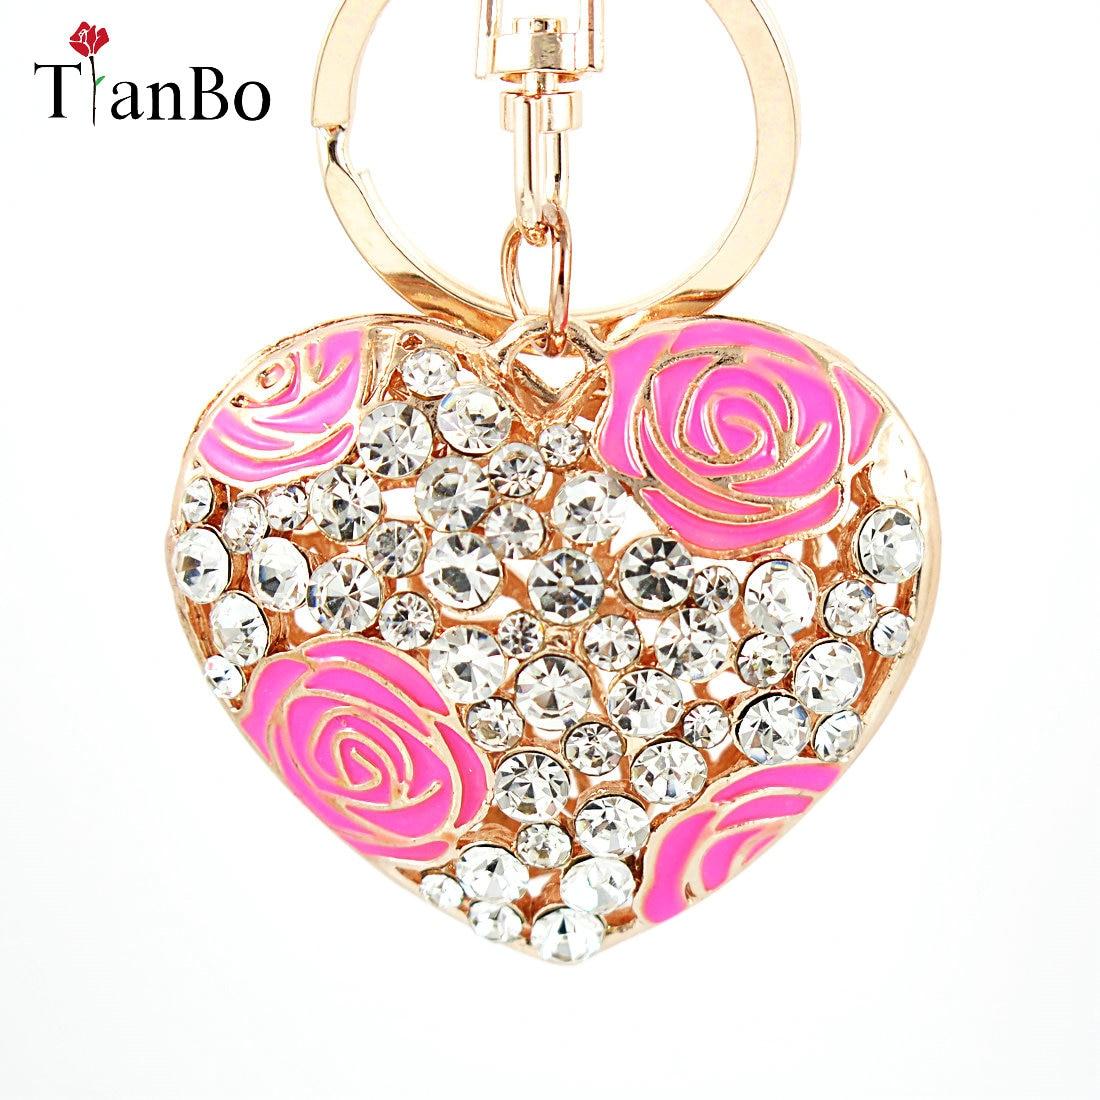 Mini Bag Handbag Charm Pendant Key chain Bag Key ring Key Chain Bag Accessories